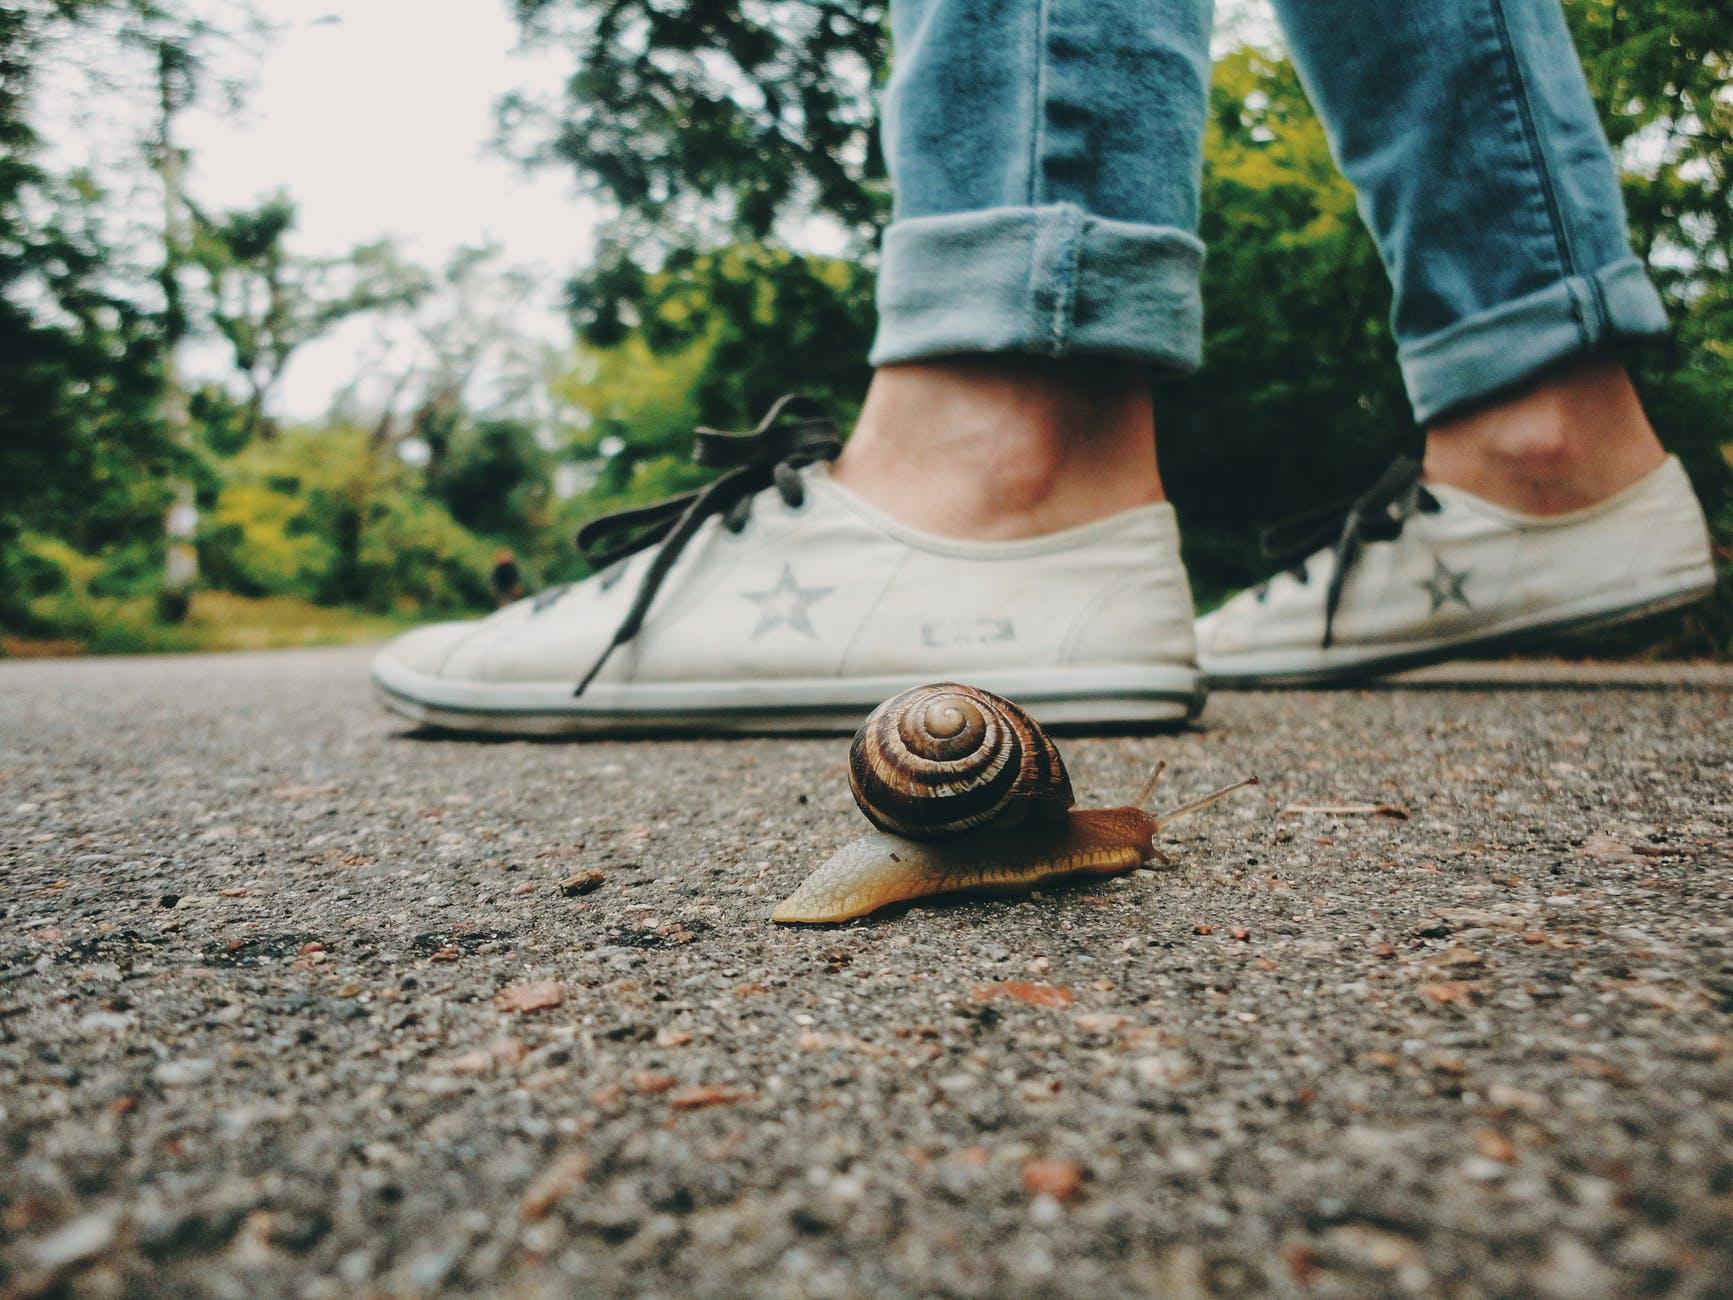 Confessions of a Slow Writer, blog post by Aspasia S. Bissas, aspasiasbissas.com, writing, am writing, writers, writers life, writing life